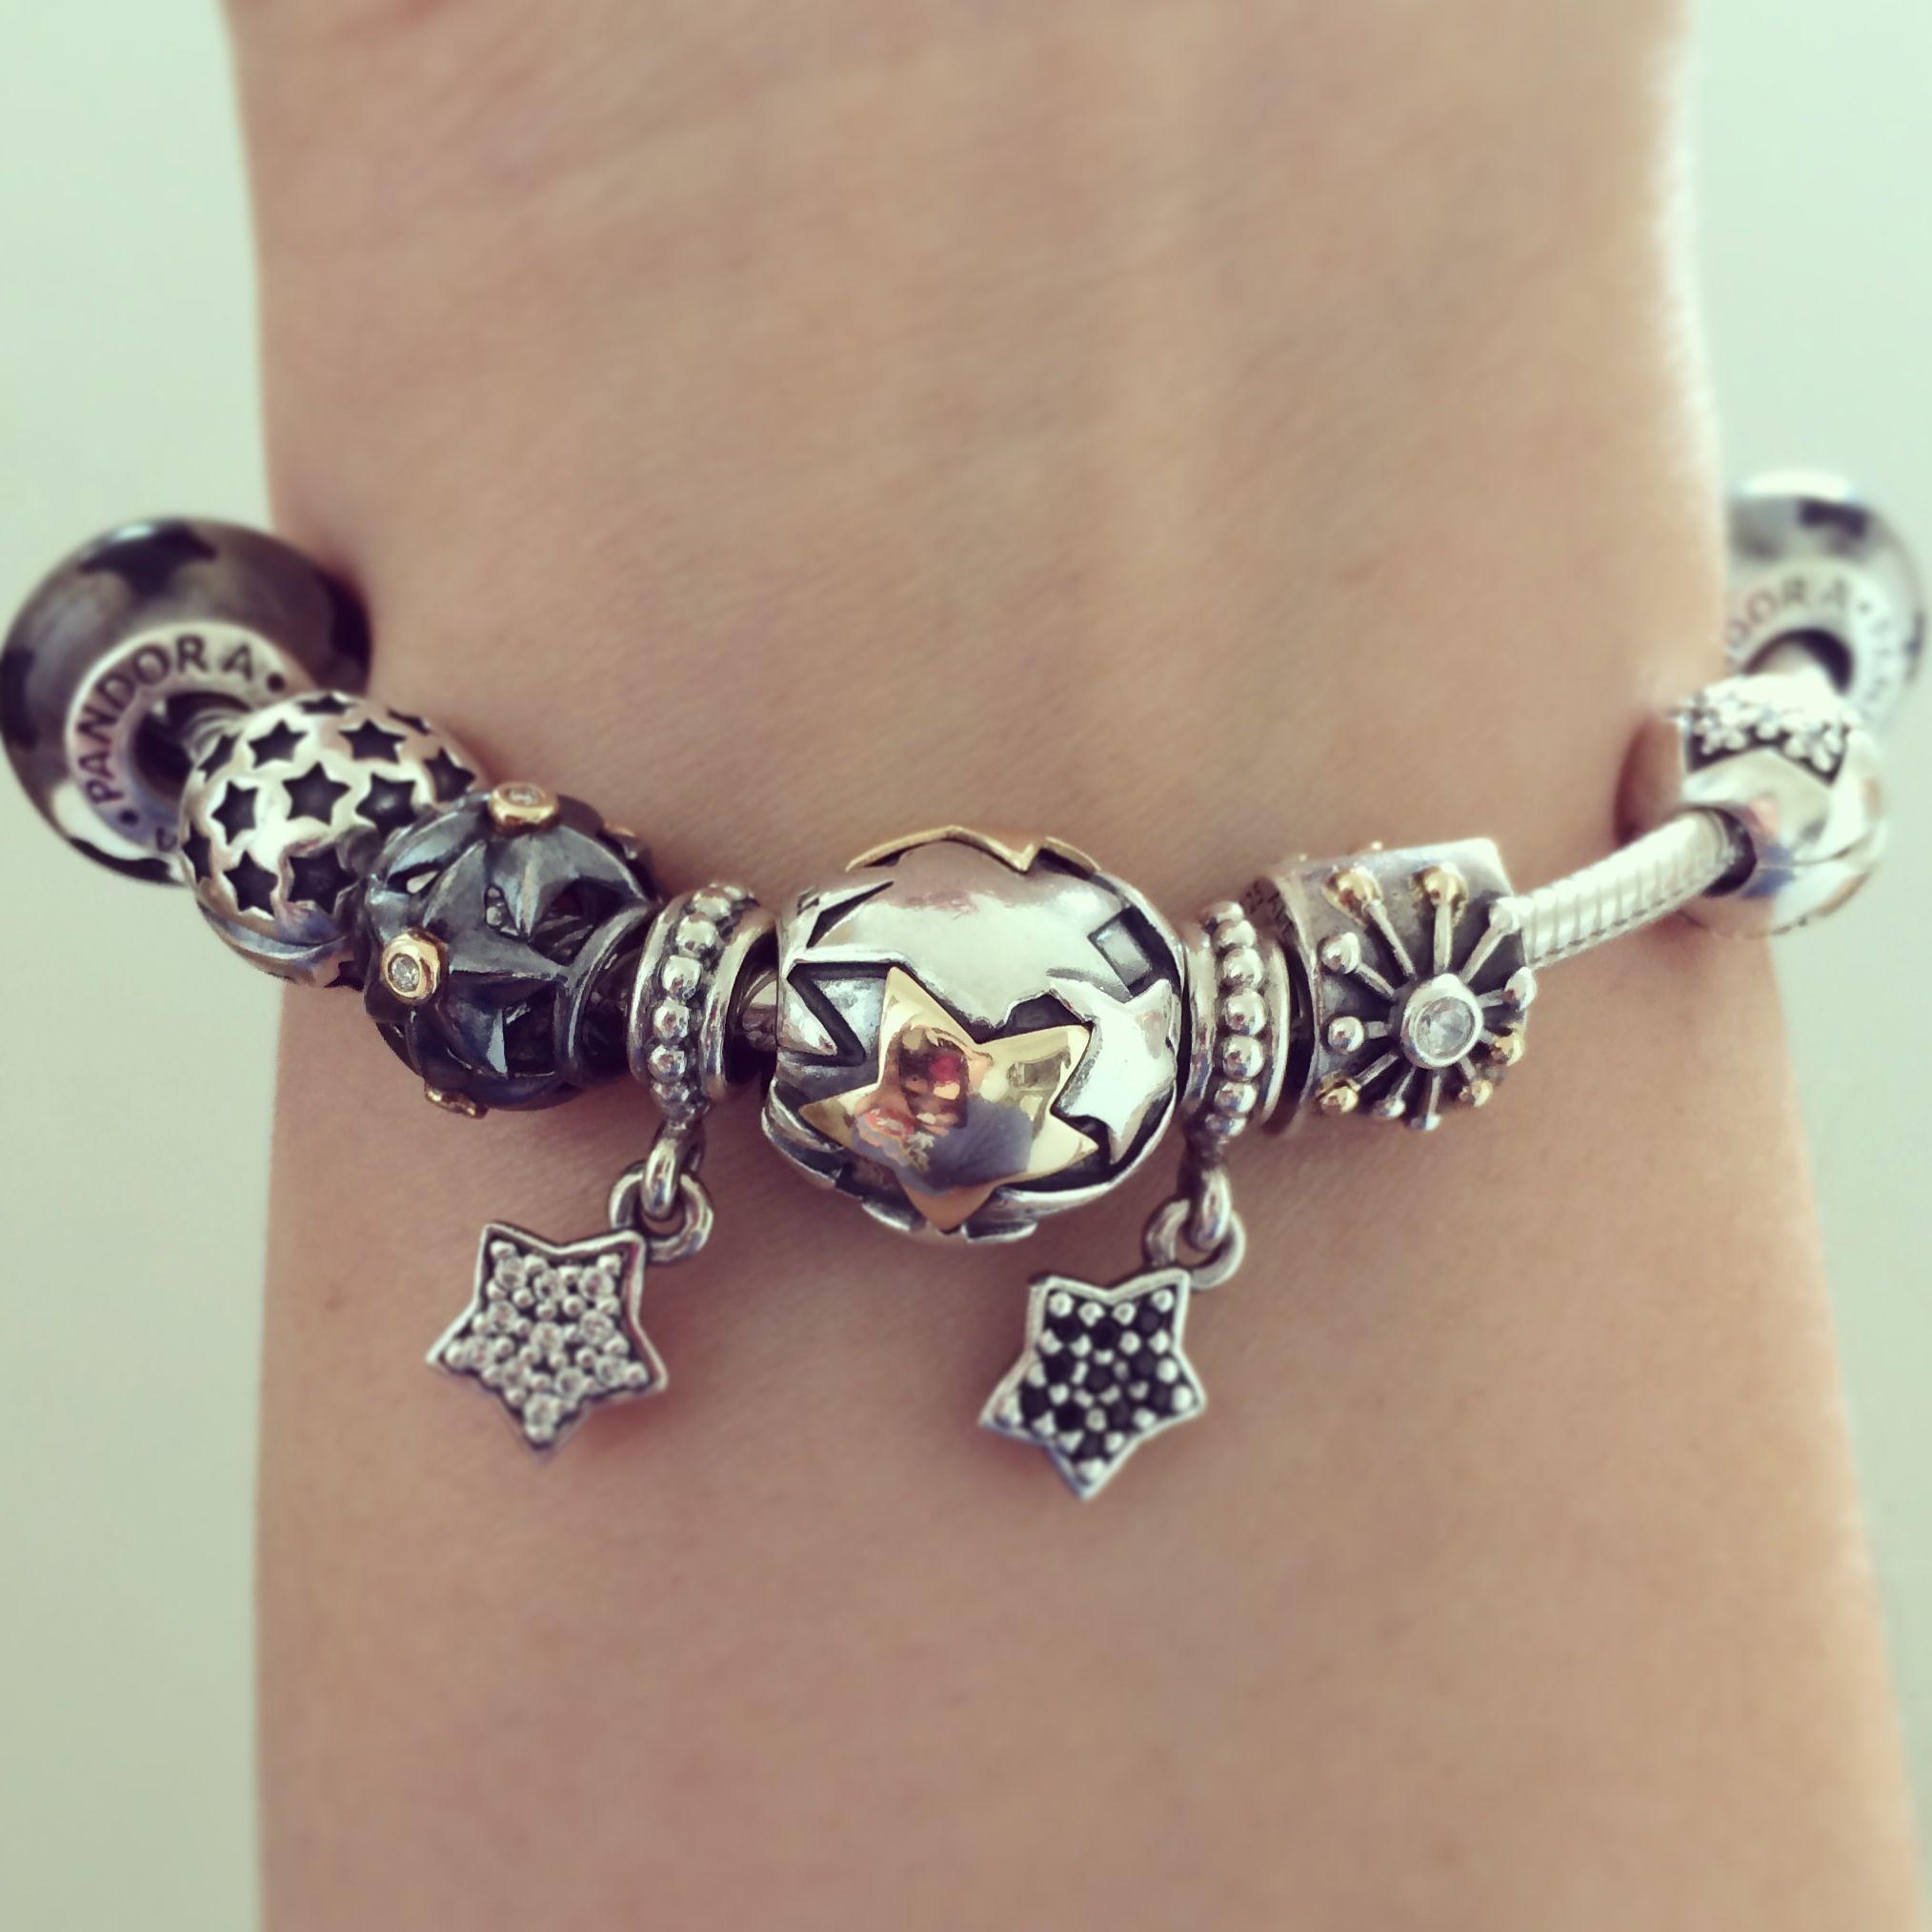 pandorajewelry | Pandora bracelets, Pandora, Pandora jewelry